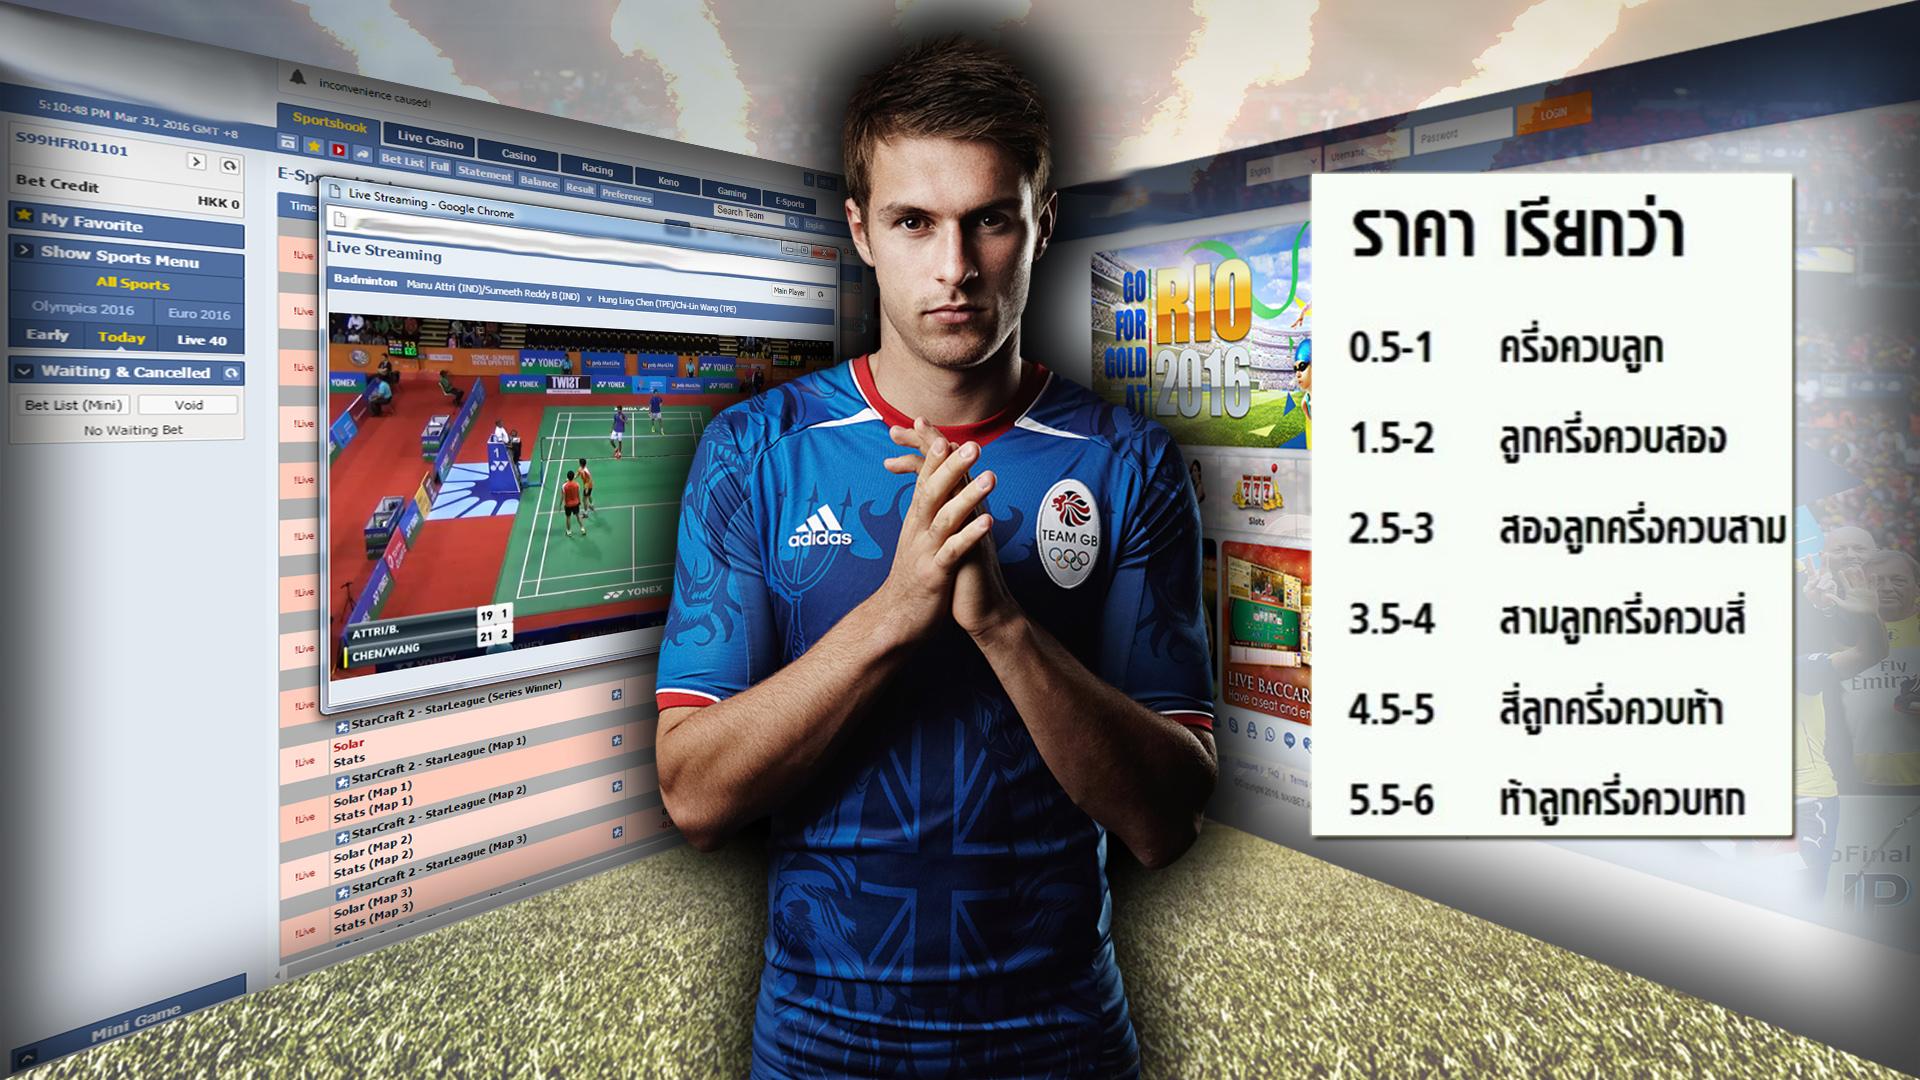 ราคาฟุตบอล มาตราฐานกลางที่เซียนบอลมือใหม่ควรรู้ก่อนแทง